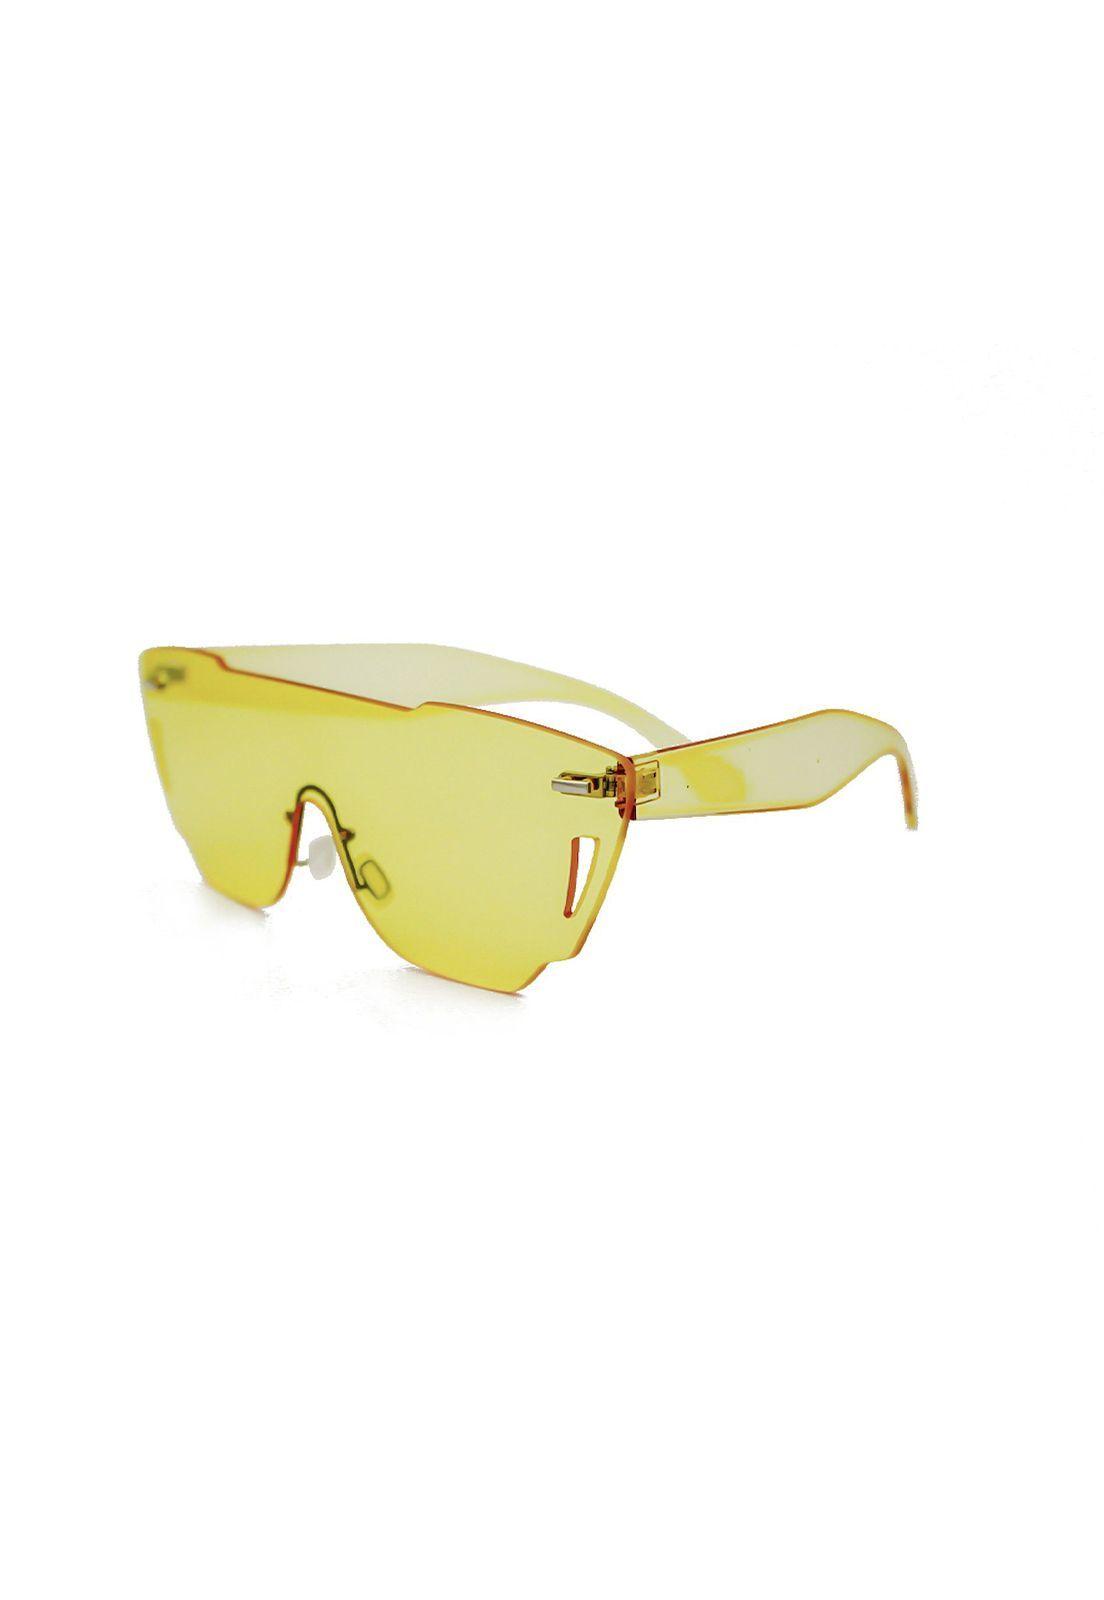 Óculos de Sol Grungetteria Sugar Amarelo